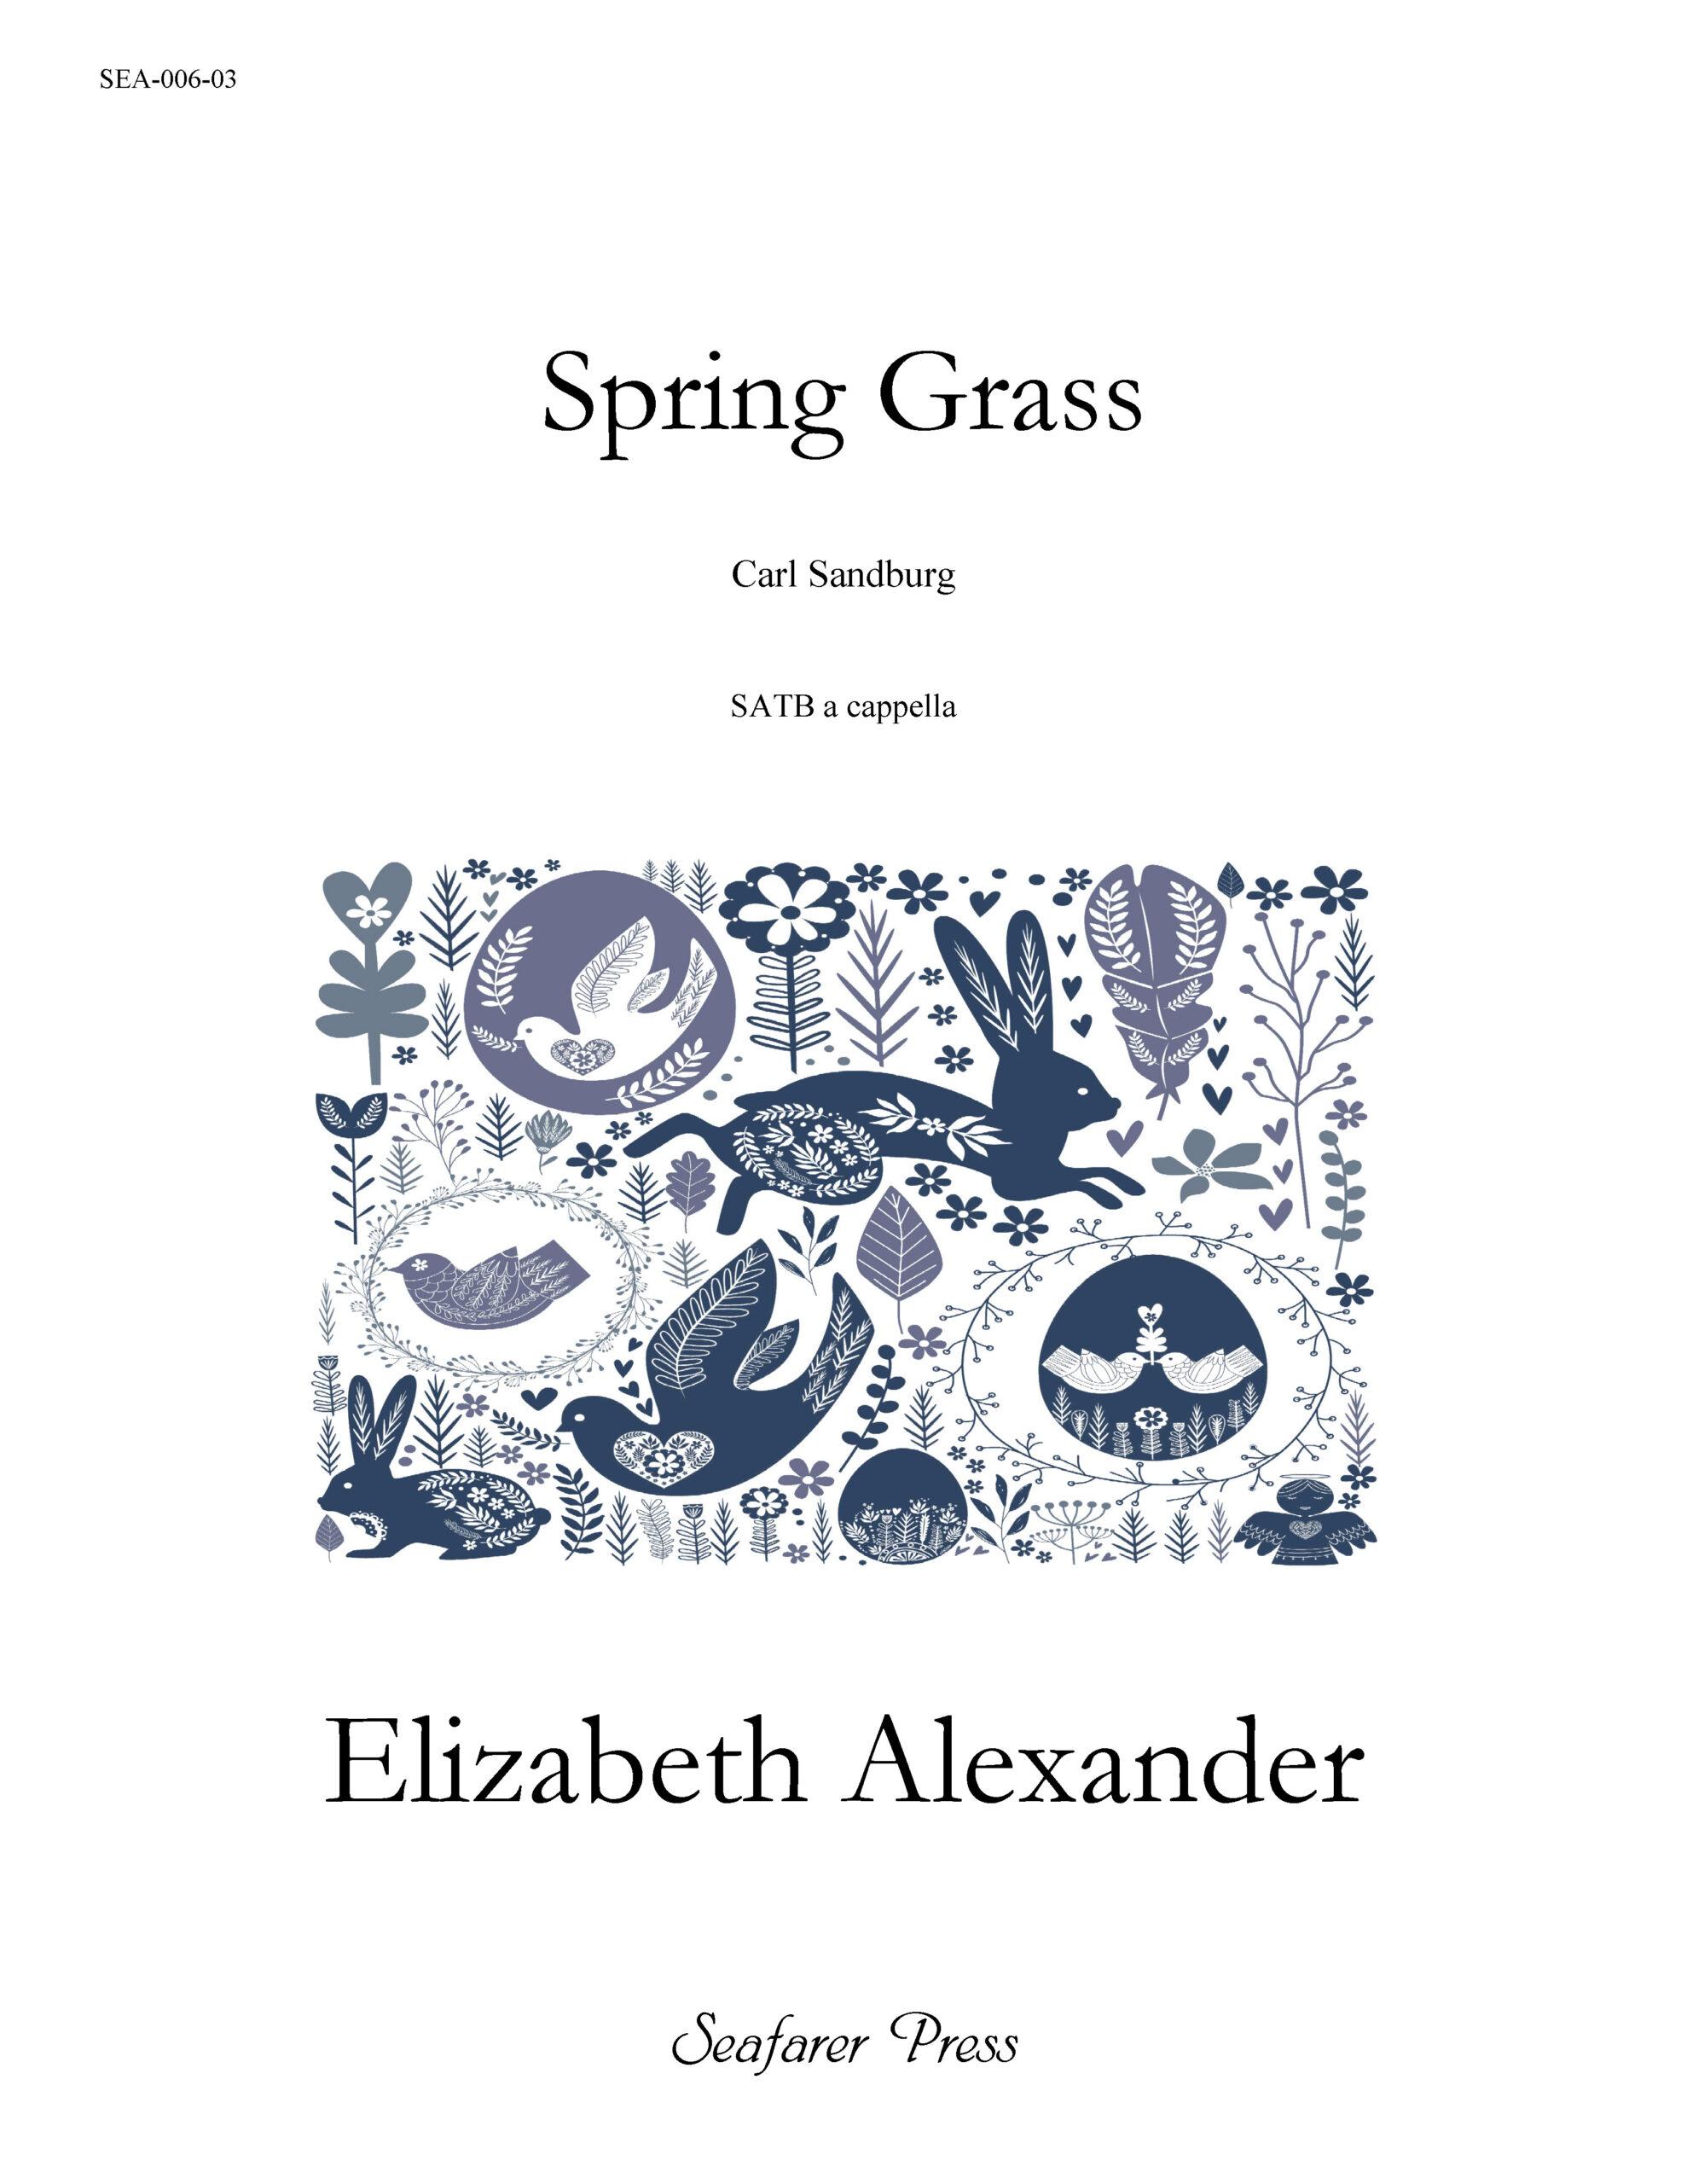 SEA-006-03 - Spring Grass